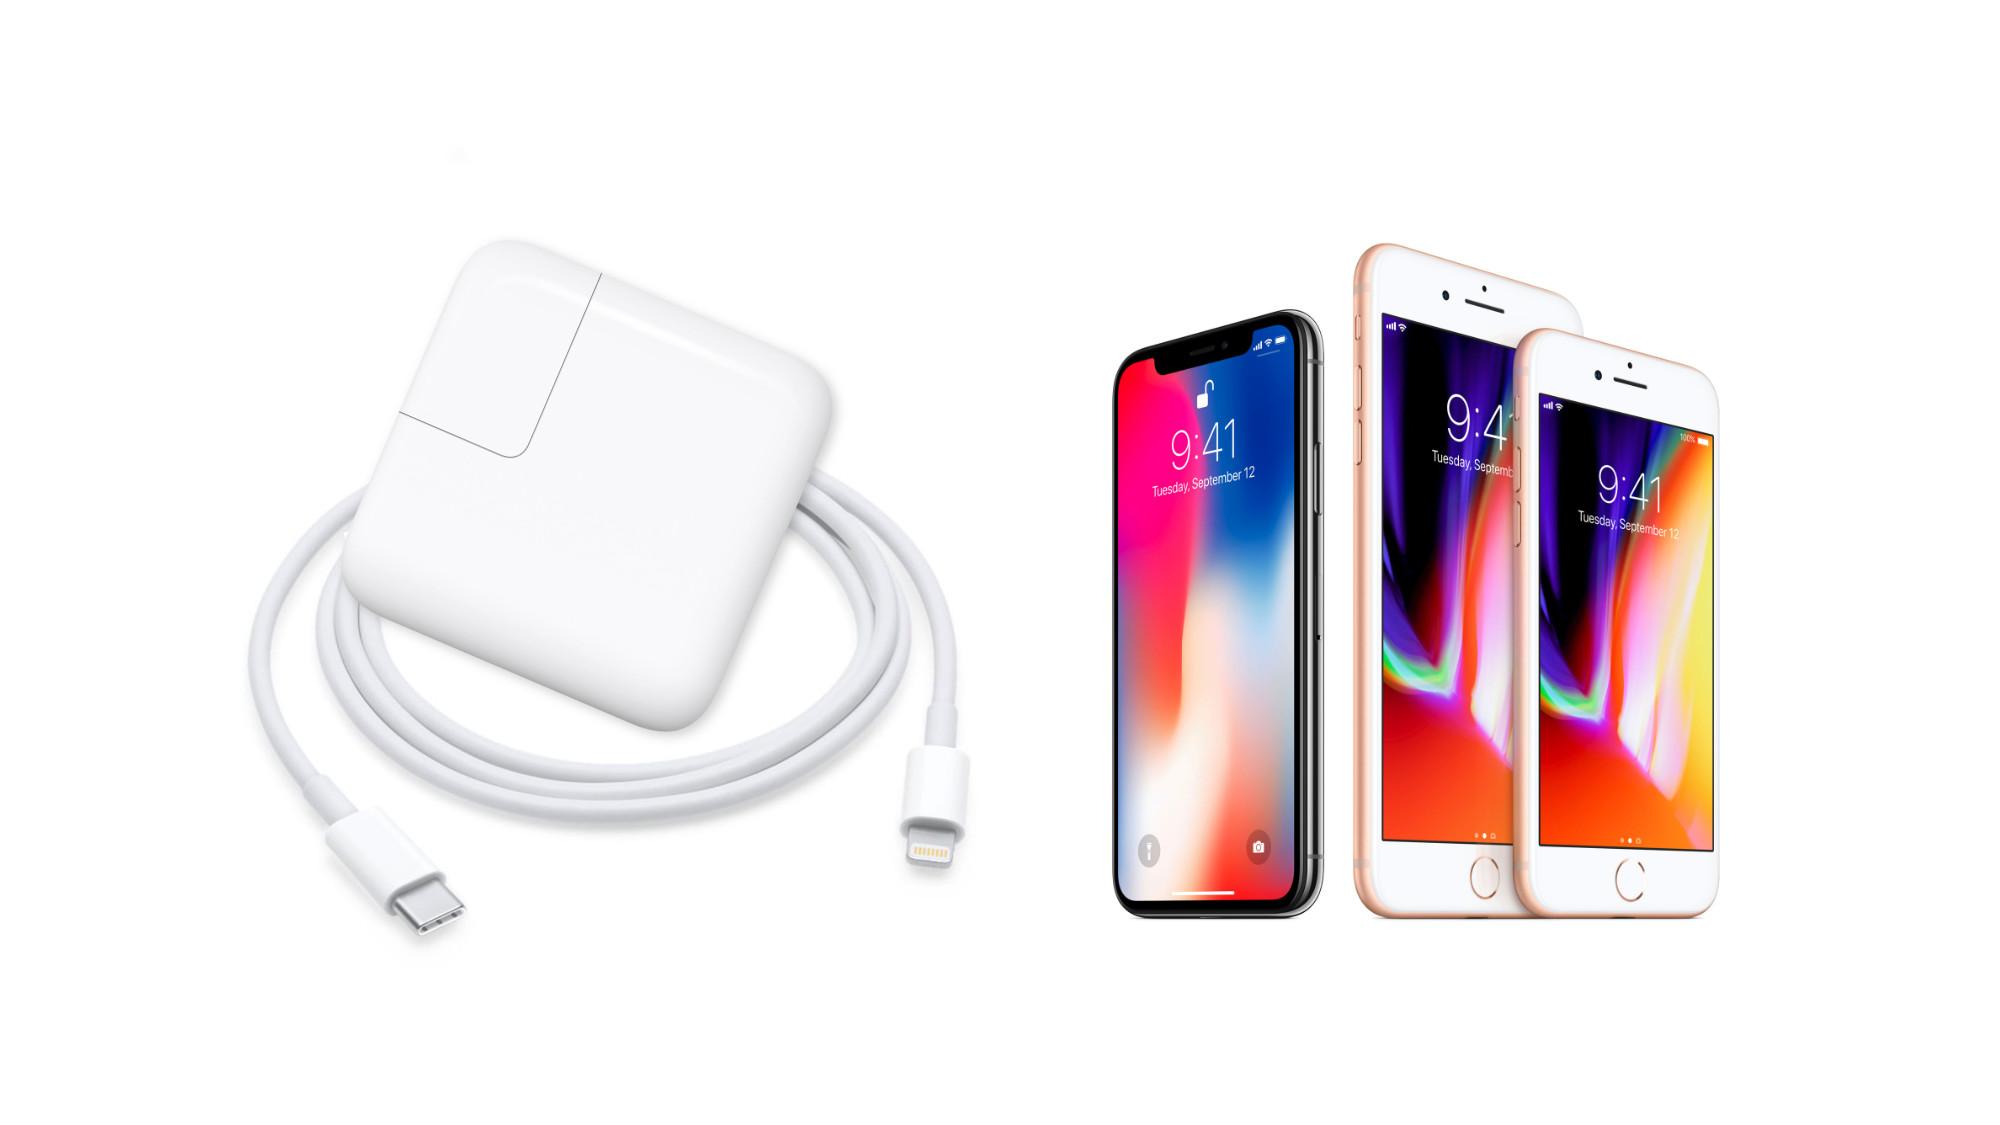 iPhone X har snabbladdning ???för 900 kr extra i tillbehör